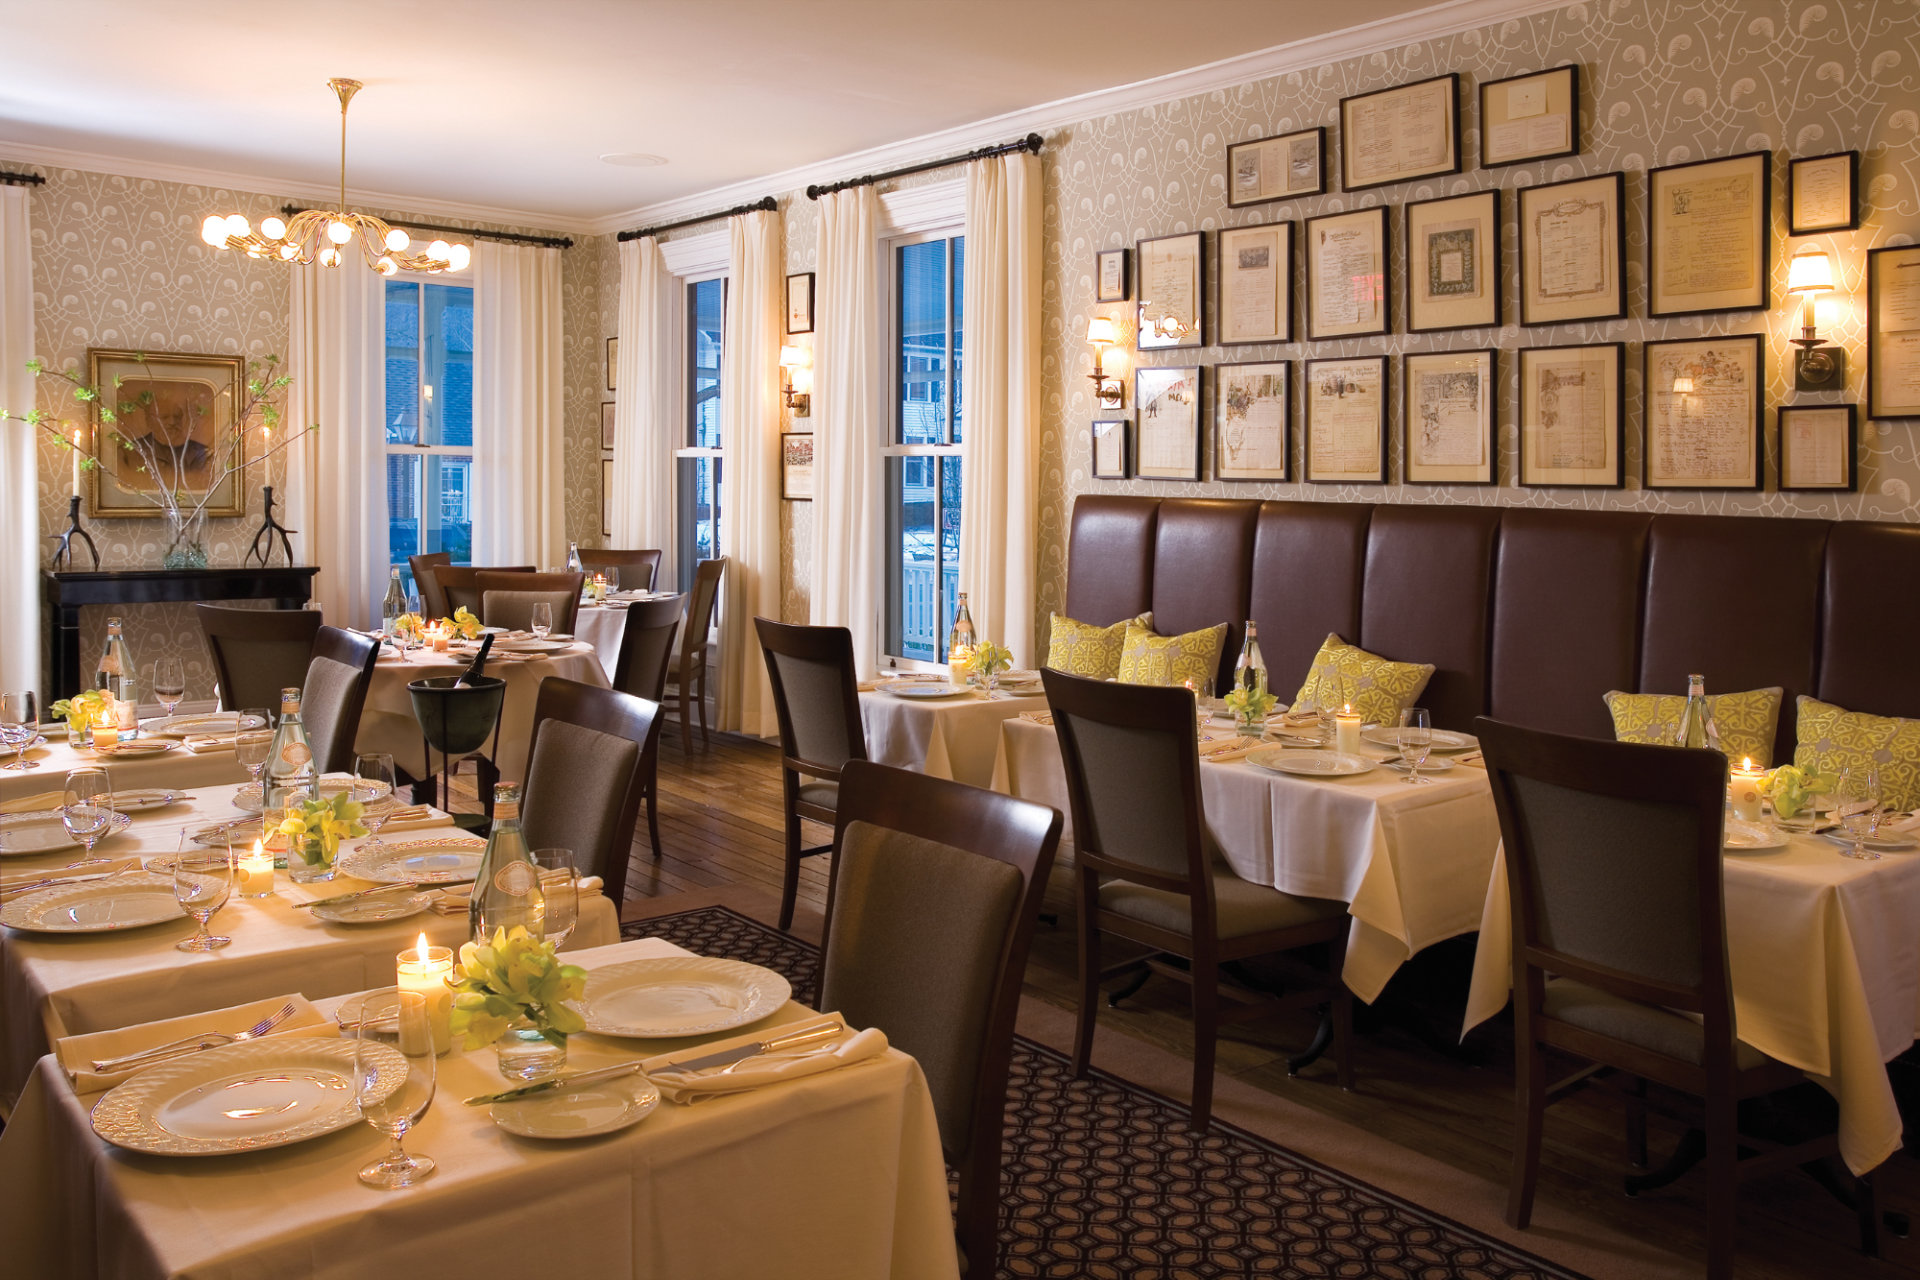 The Delmonico Room at Hotel Fauchère